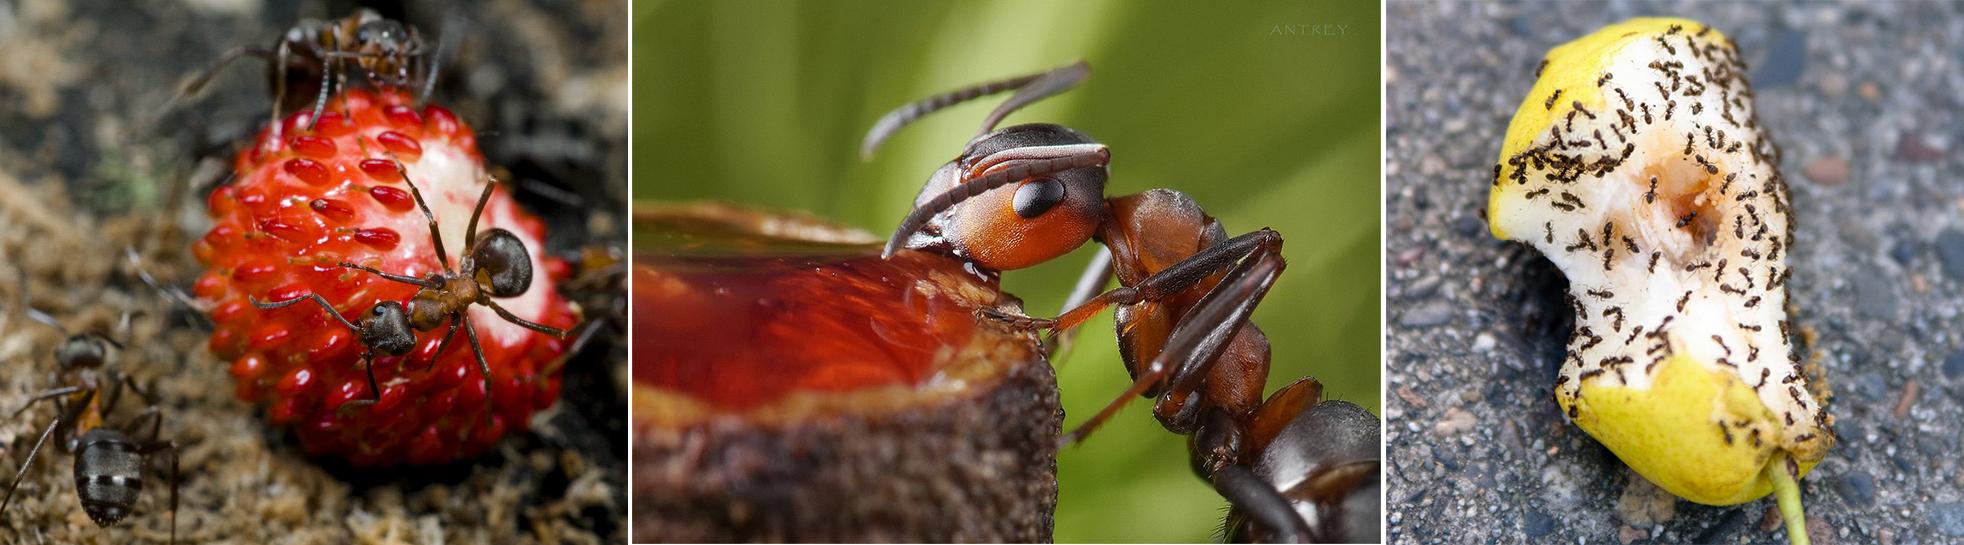 Чем кормить муравьев нигеров